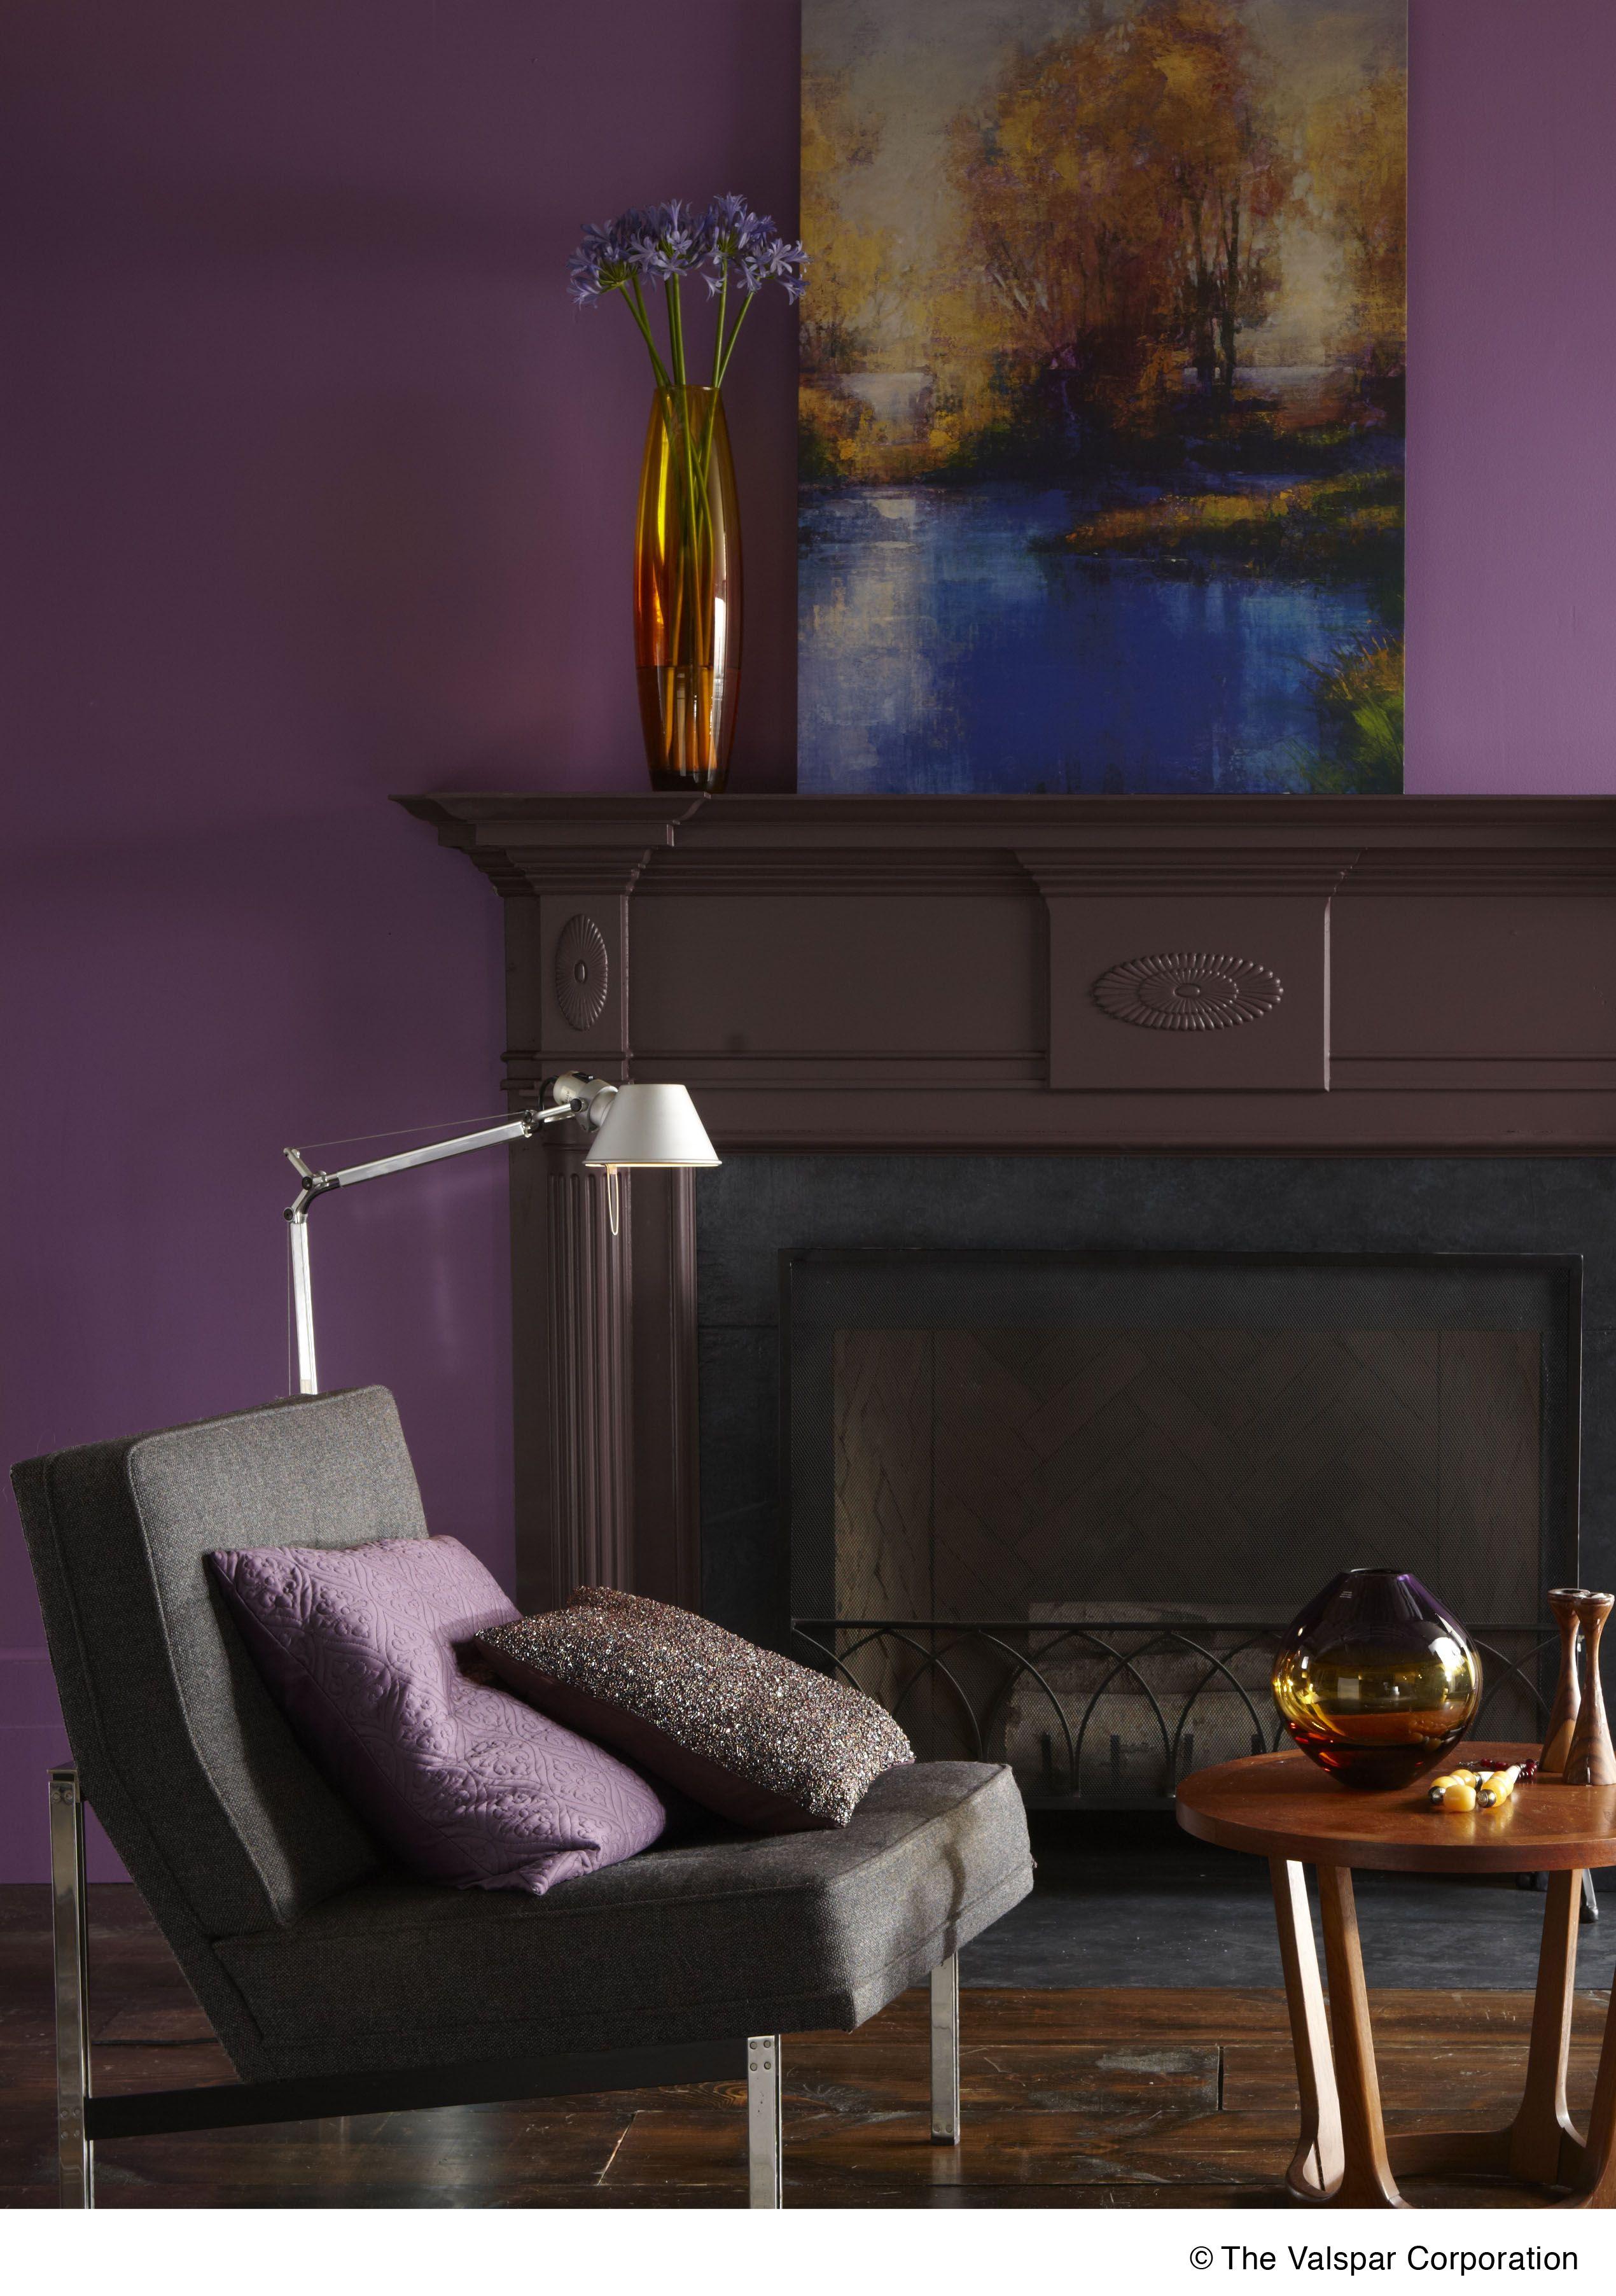 Calm And Cozy Valspar Regal Plum 1002 7a Paint Purple